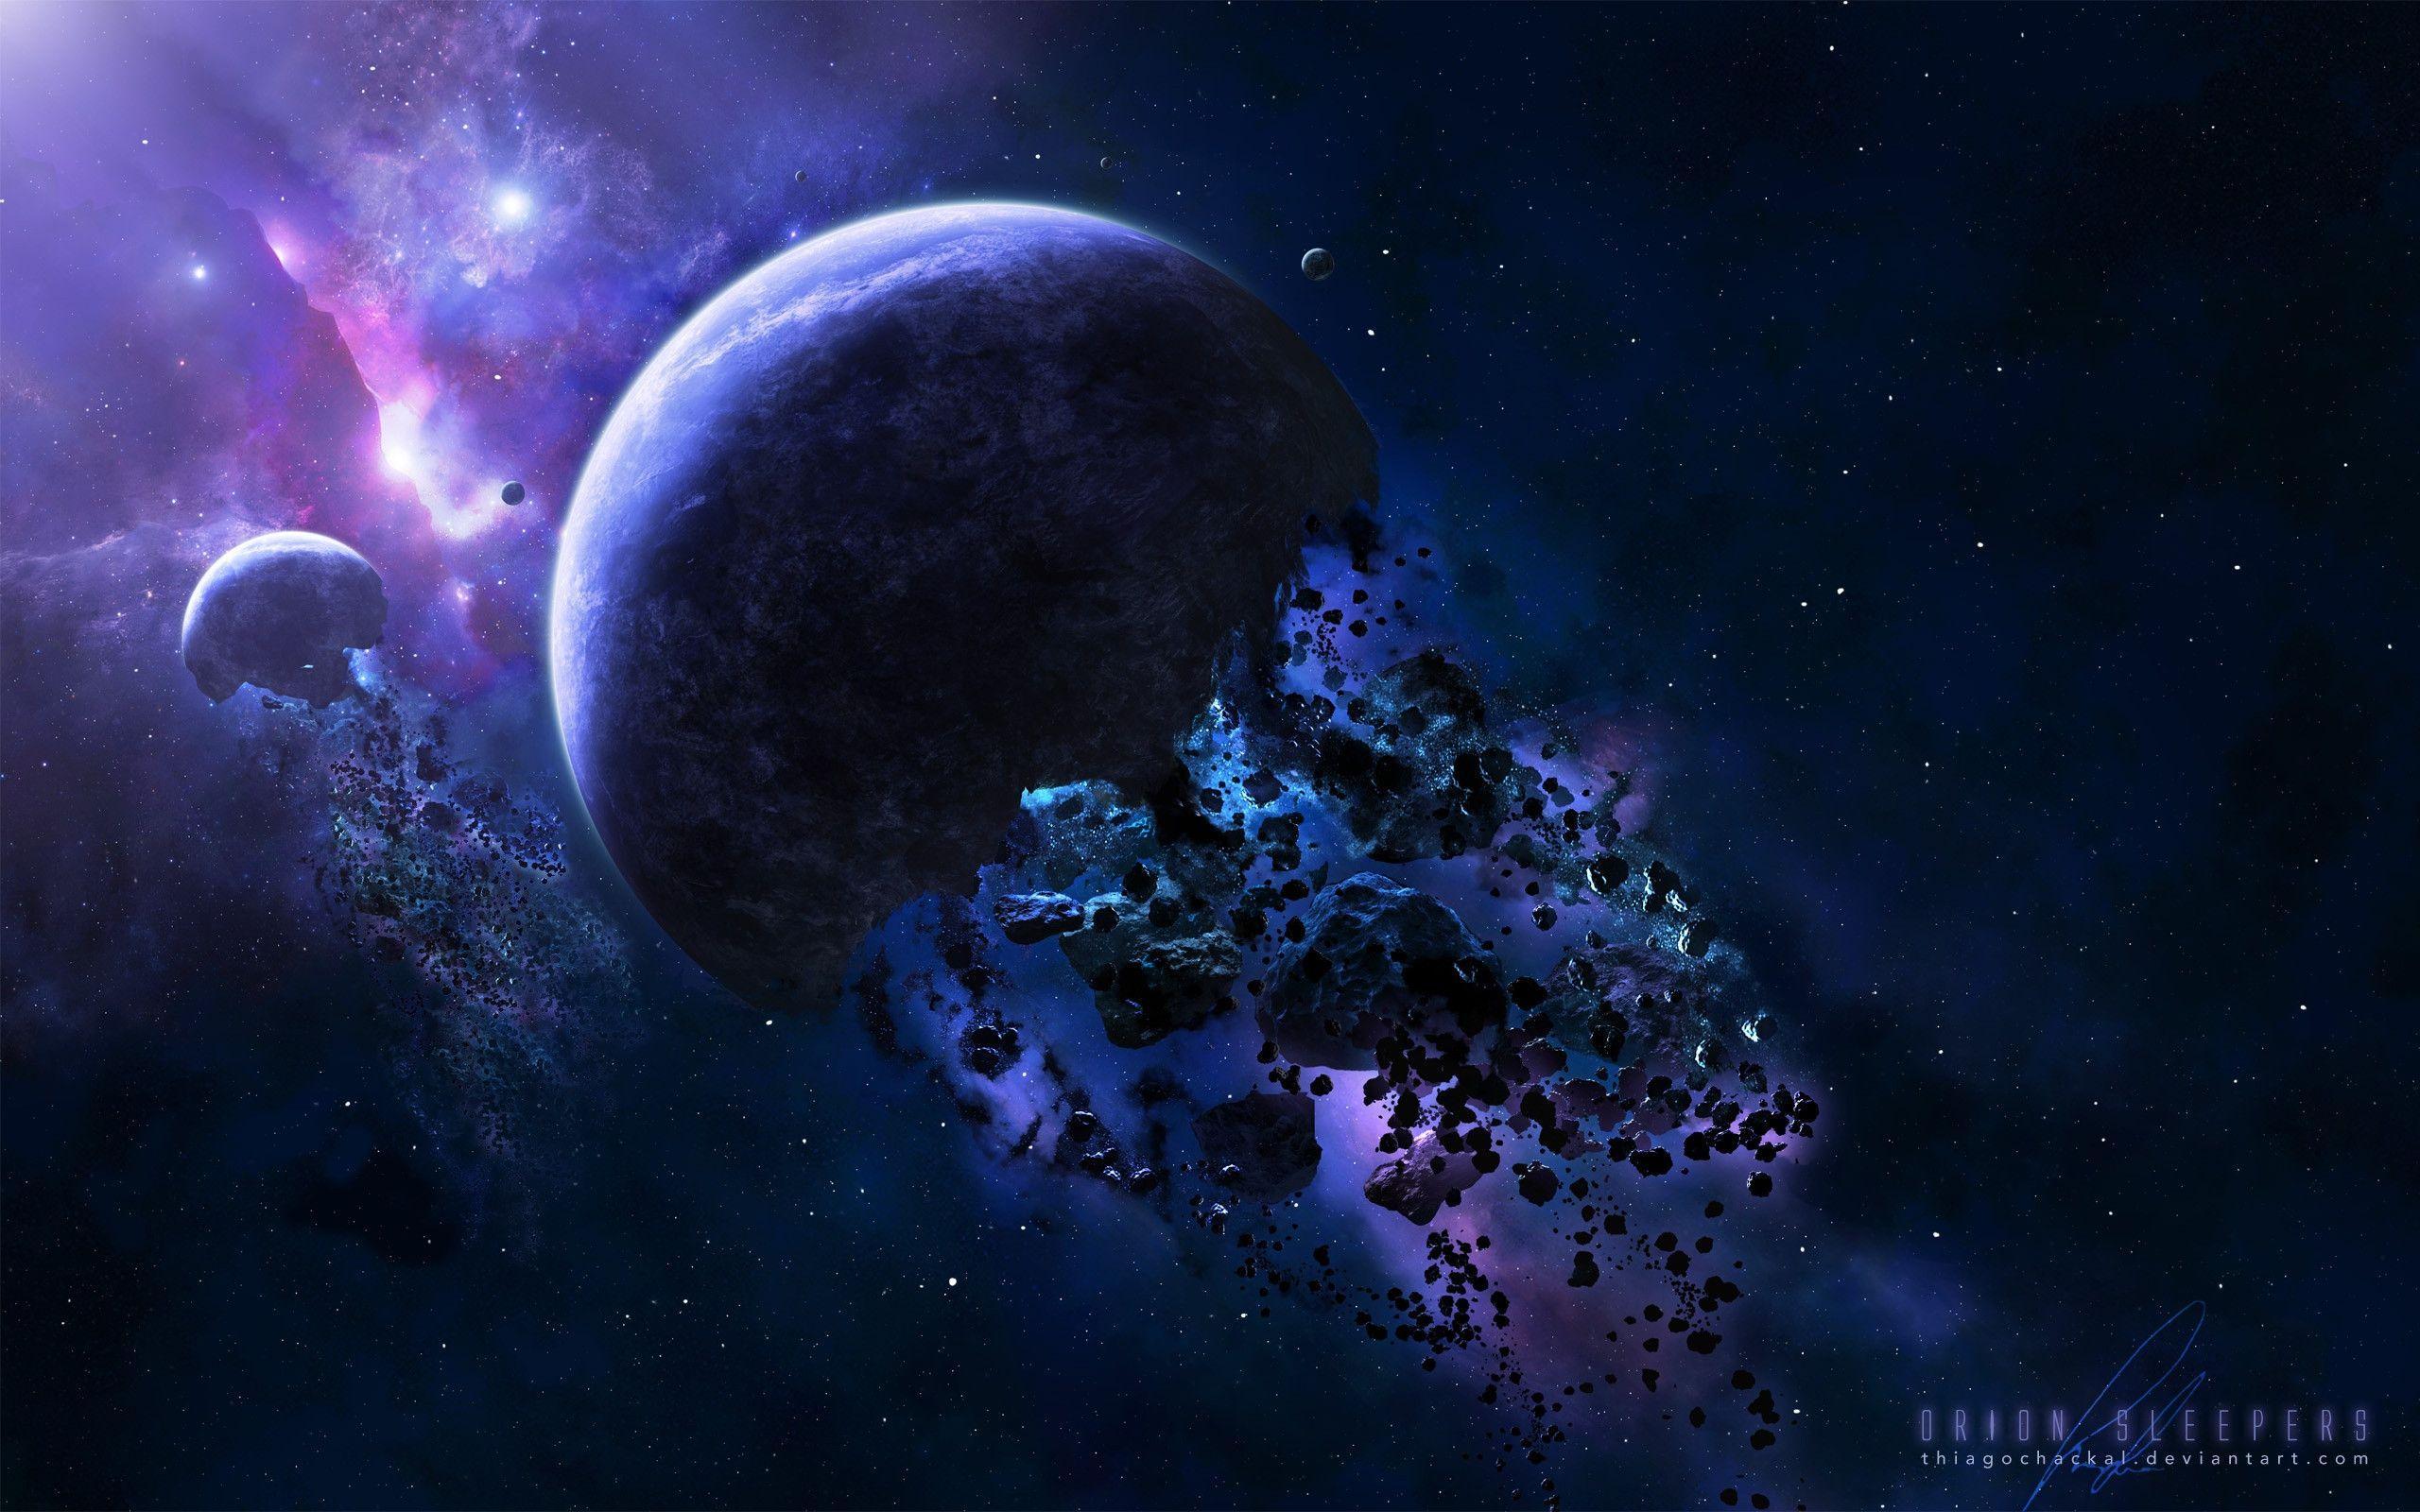 Spacewar Wallpapers 2560x1600